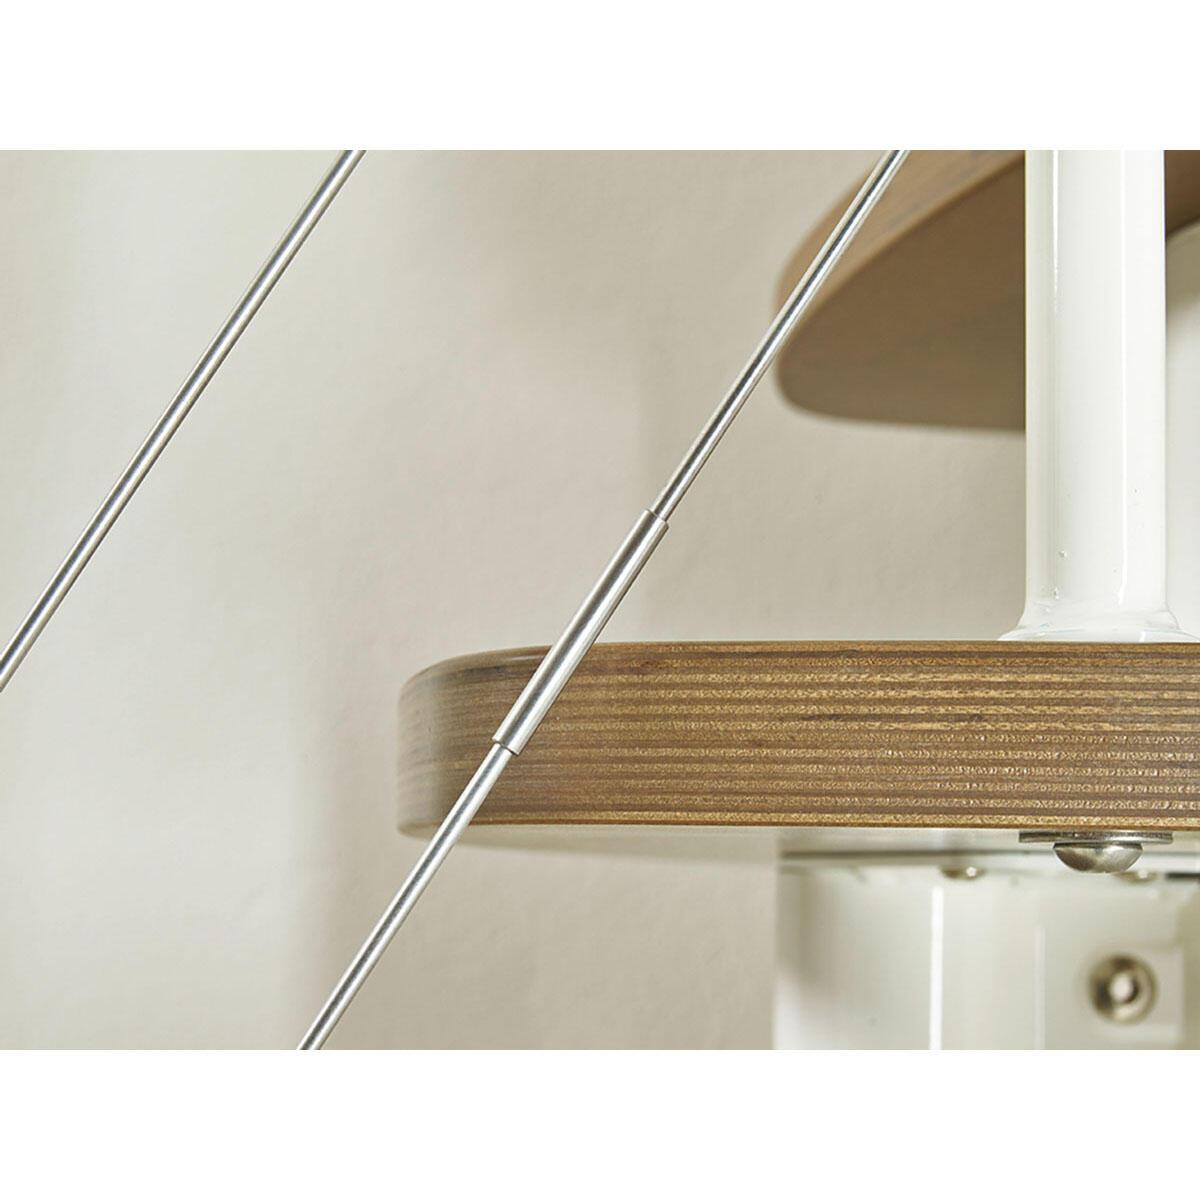 Scala salvaspazio dritto Zen FONTANOT L 59 cm, gradino betulla, struttura bianco - 2